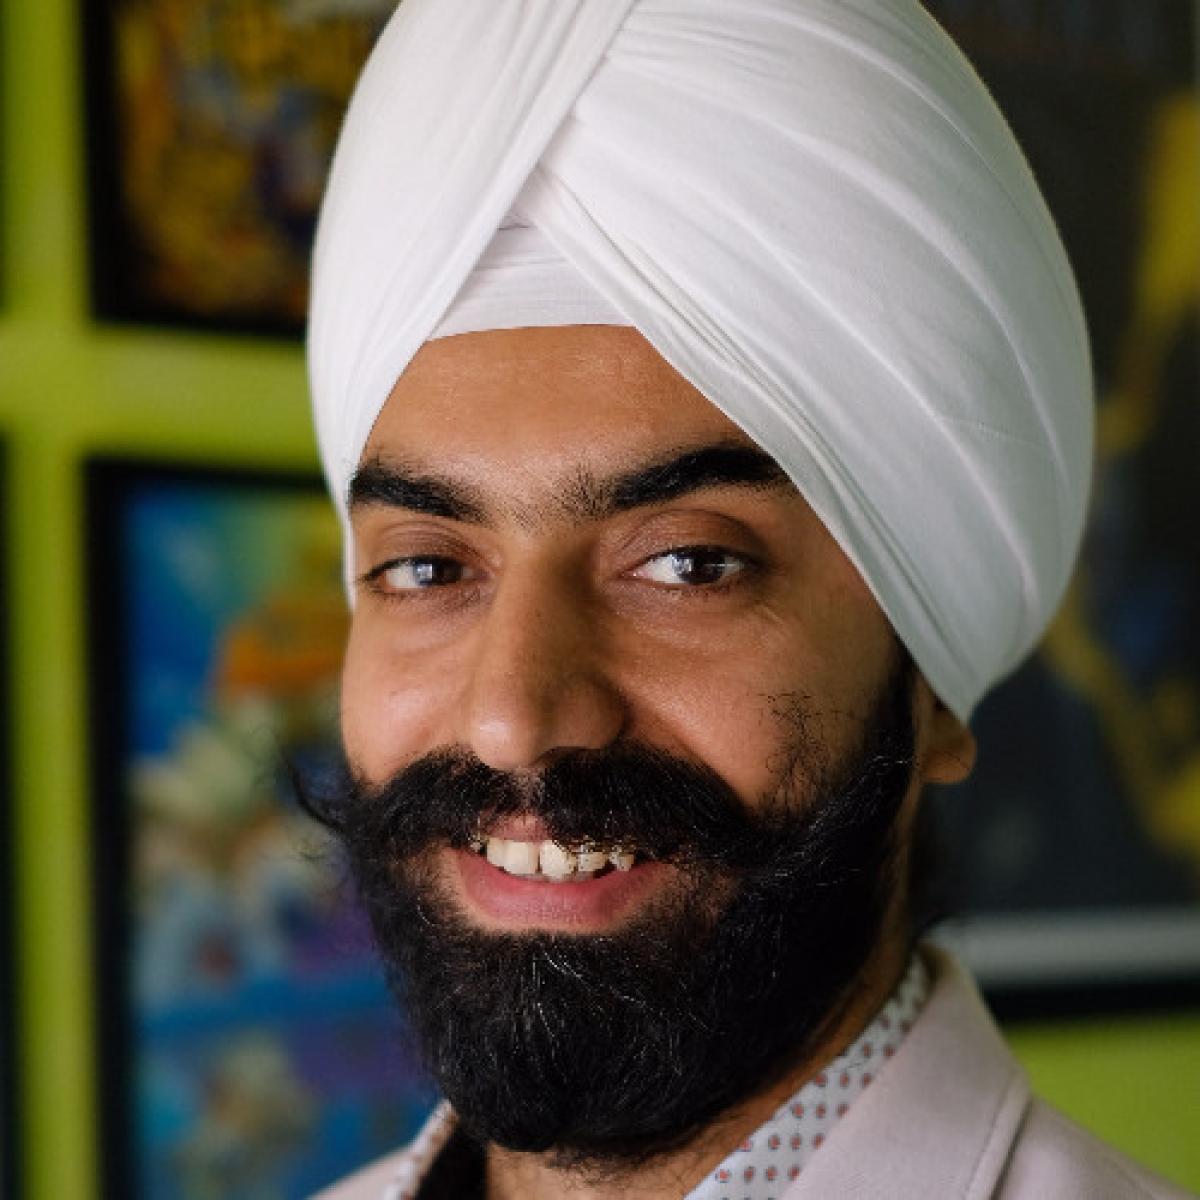 Uttam Pal Singh